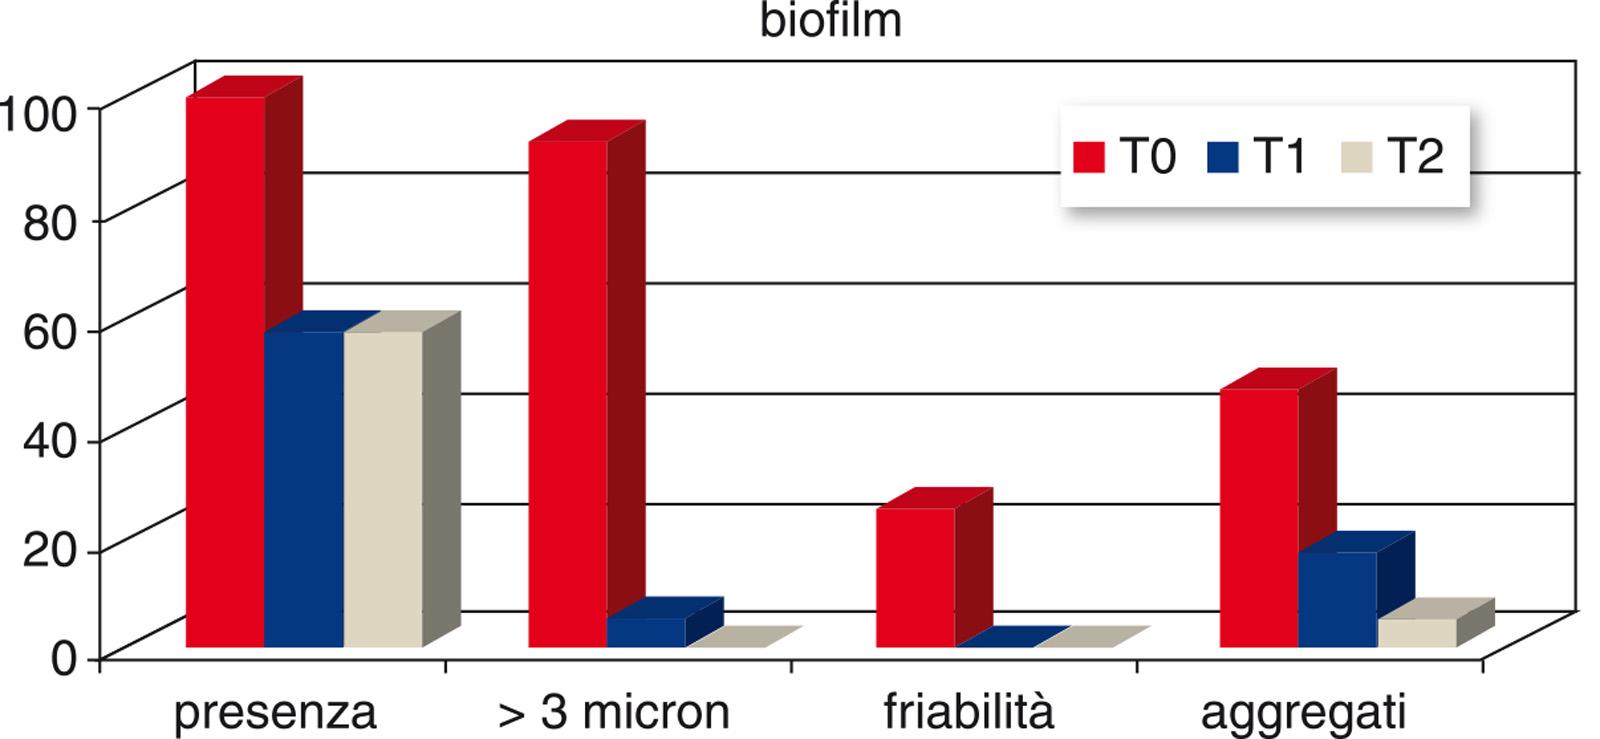 Grafico 1. Caratteristiche del biofilm.